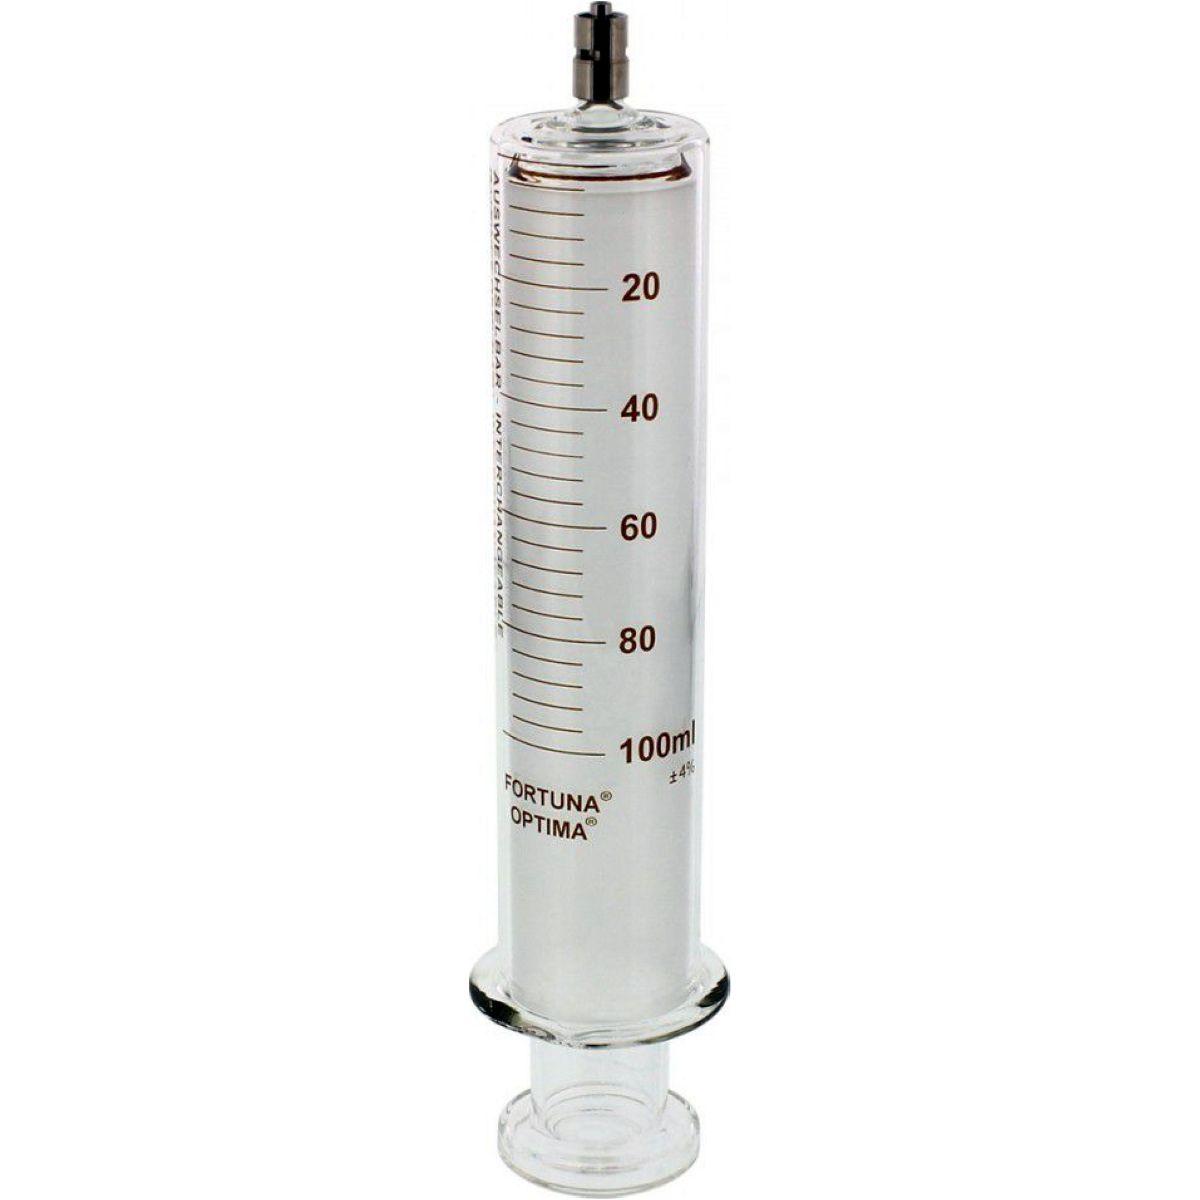 Fork oil level tool 100ml für Yamaha YZ 250 CG12C 2002, 53 PS, 39 kw